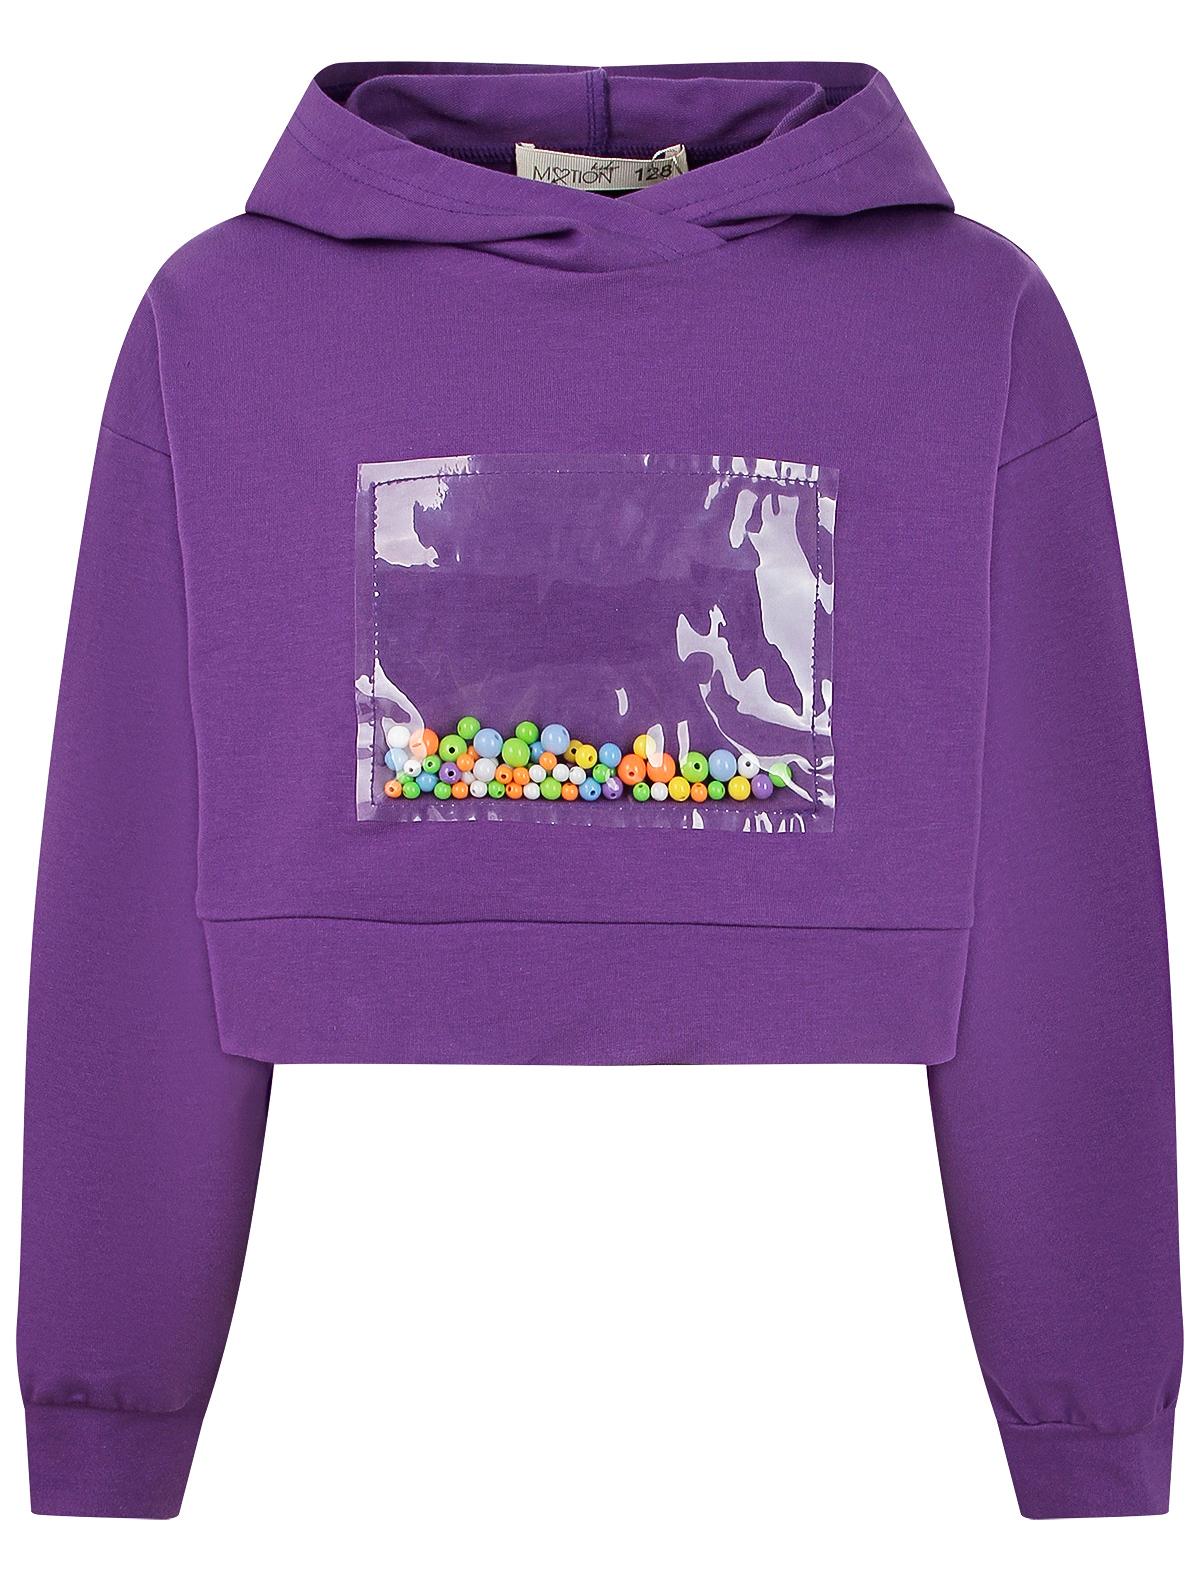 Купить 2321510, Худи Motion kids, фиолетовый, Женский, 0094500170073